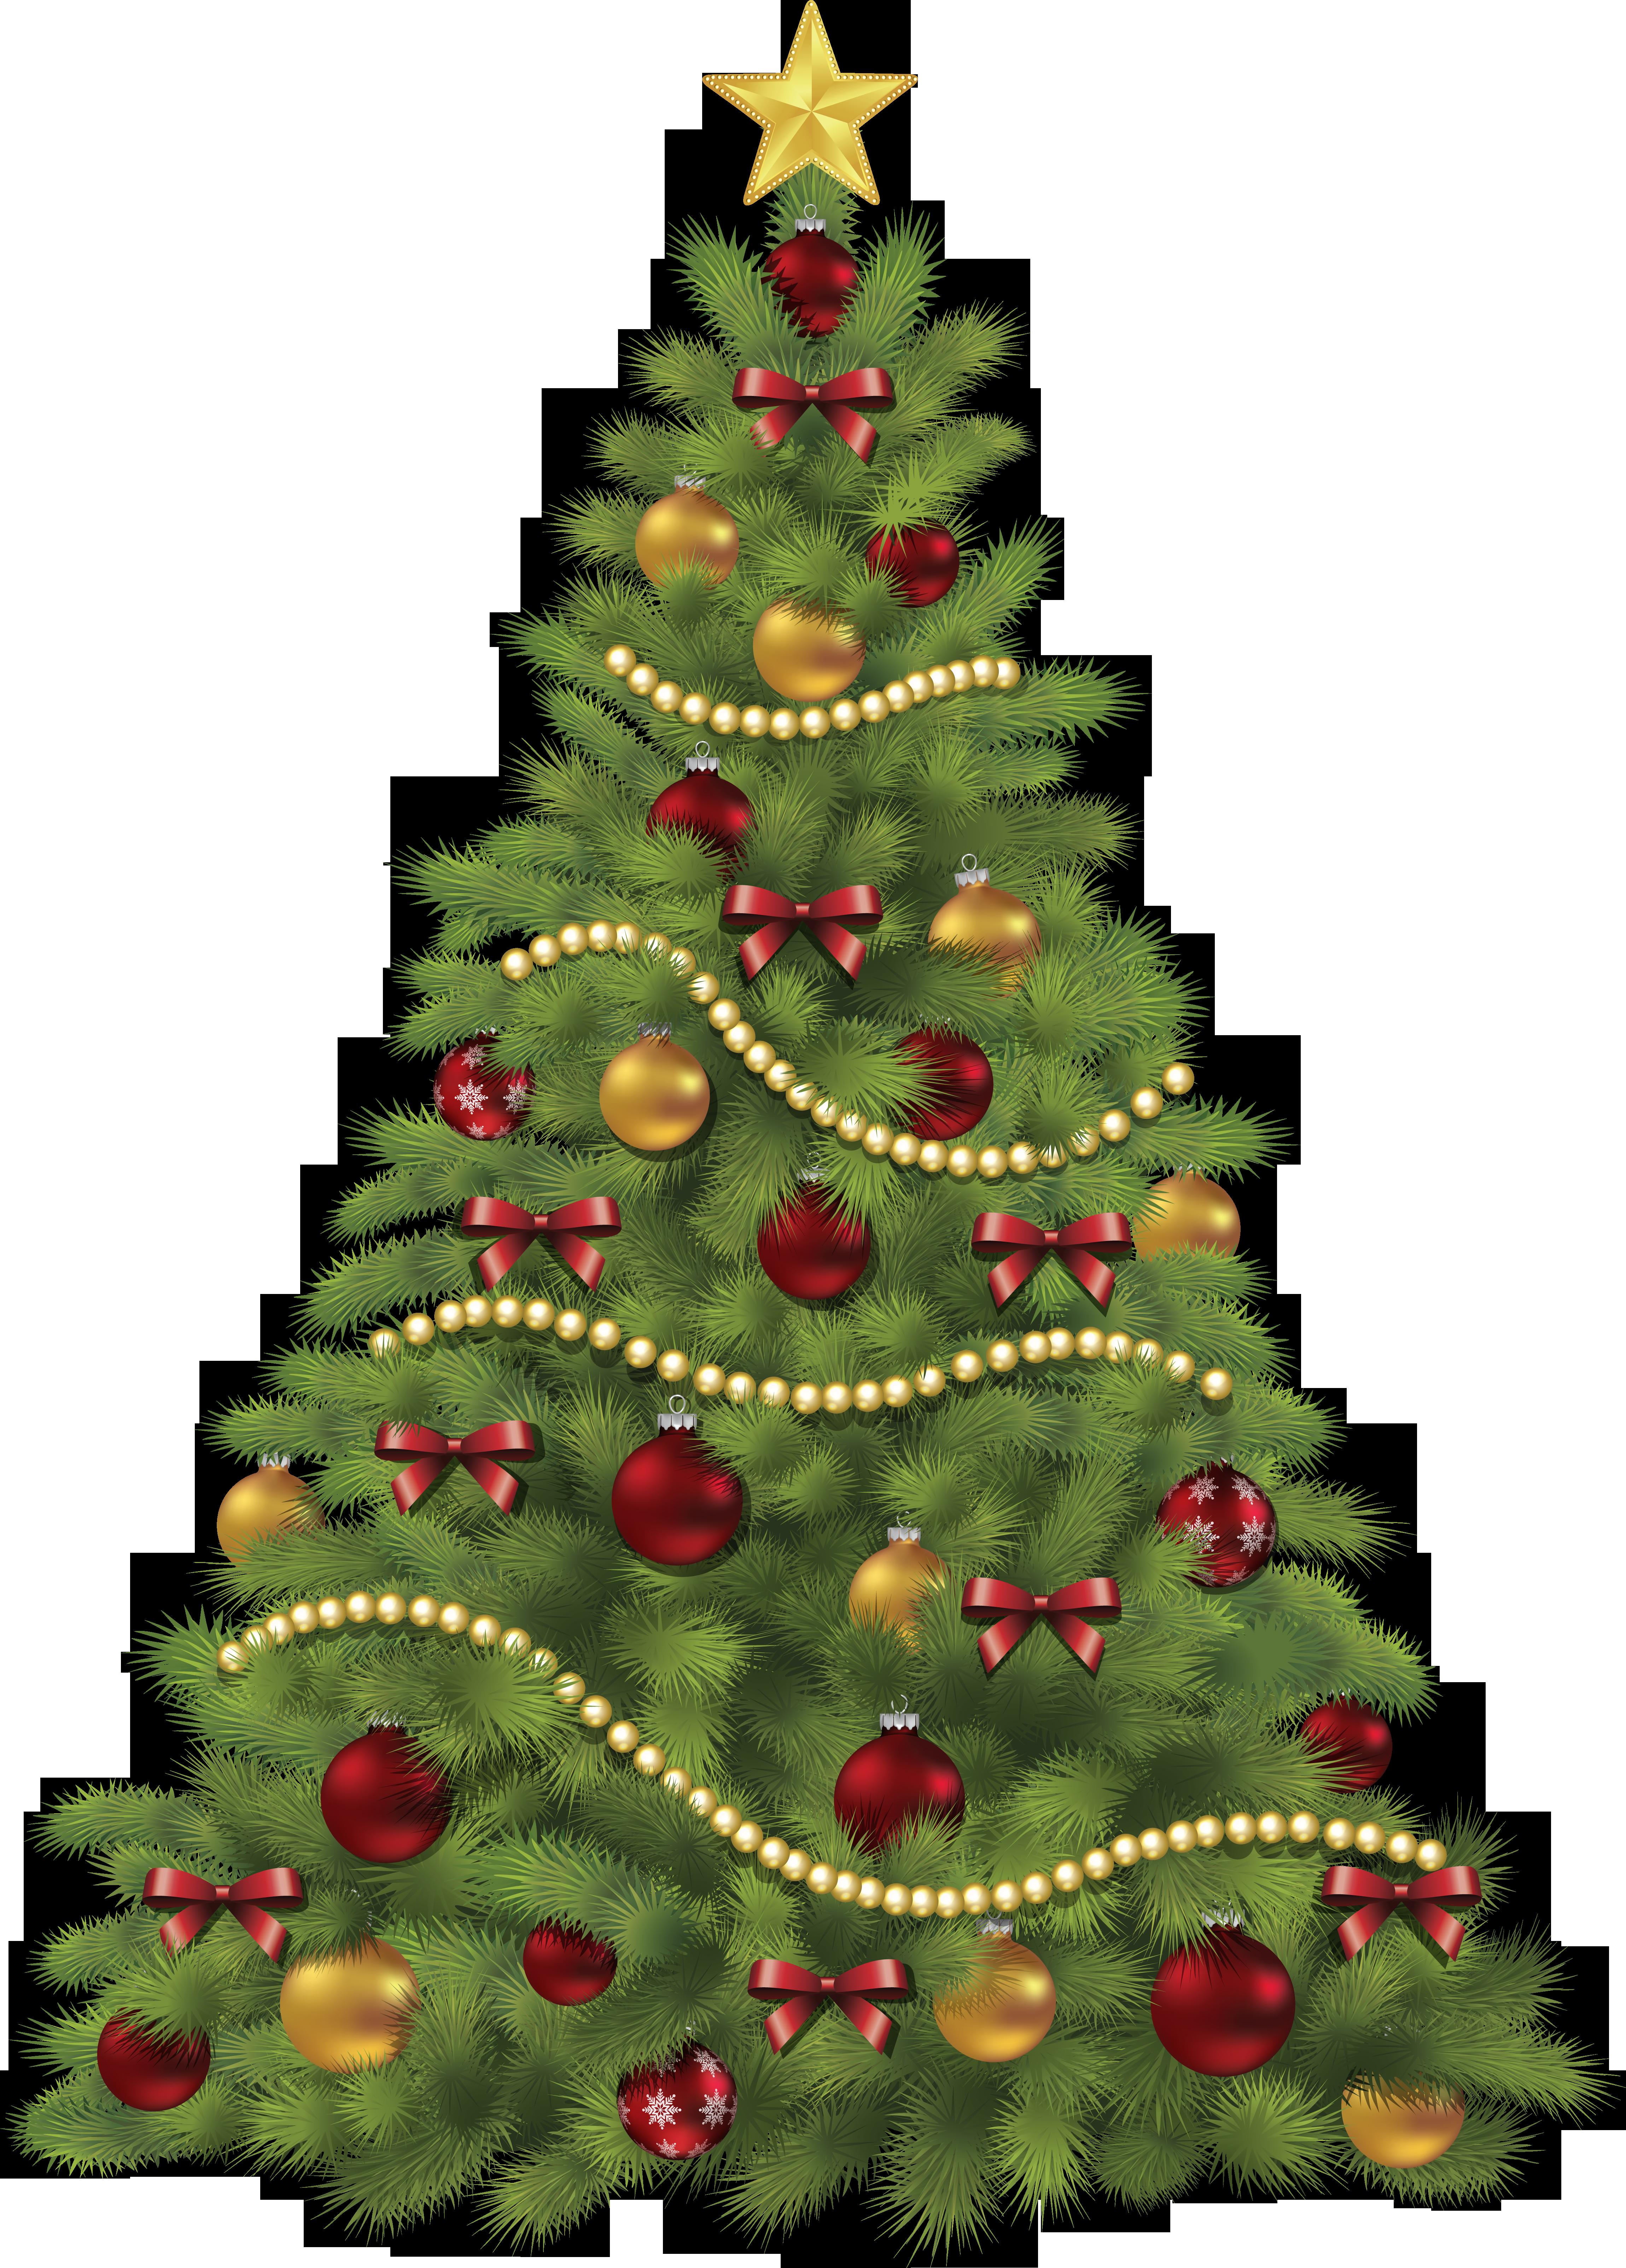 Christmas Tree Clipart Png Image Christmas Tree Clipart Christmas Tree Tree Clipart